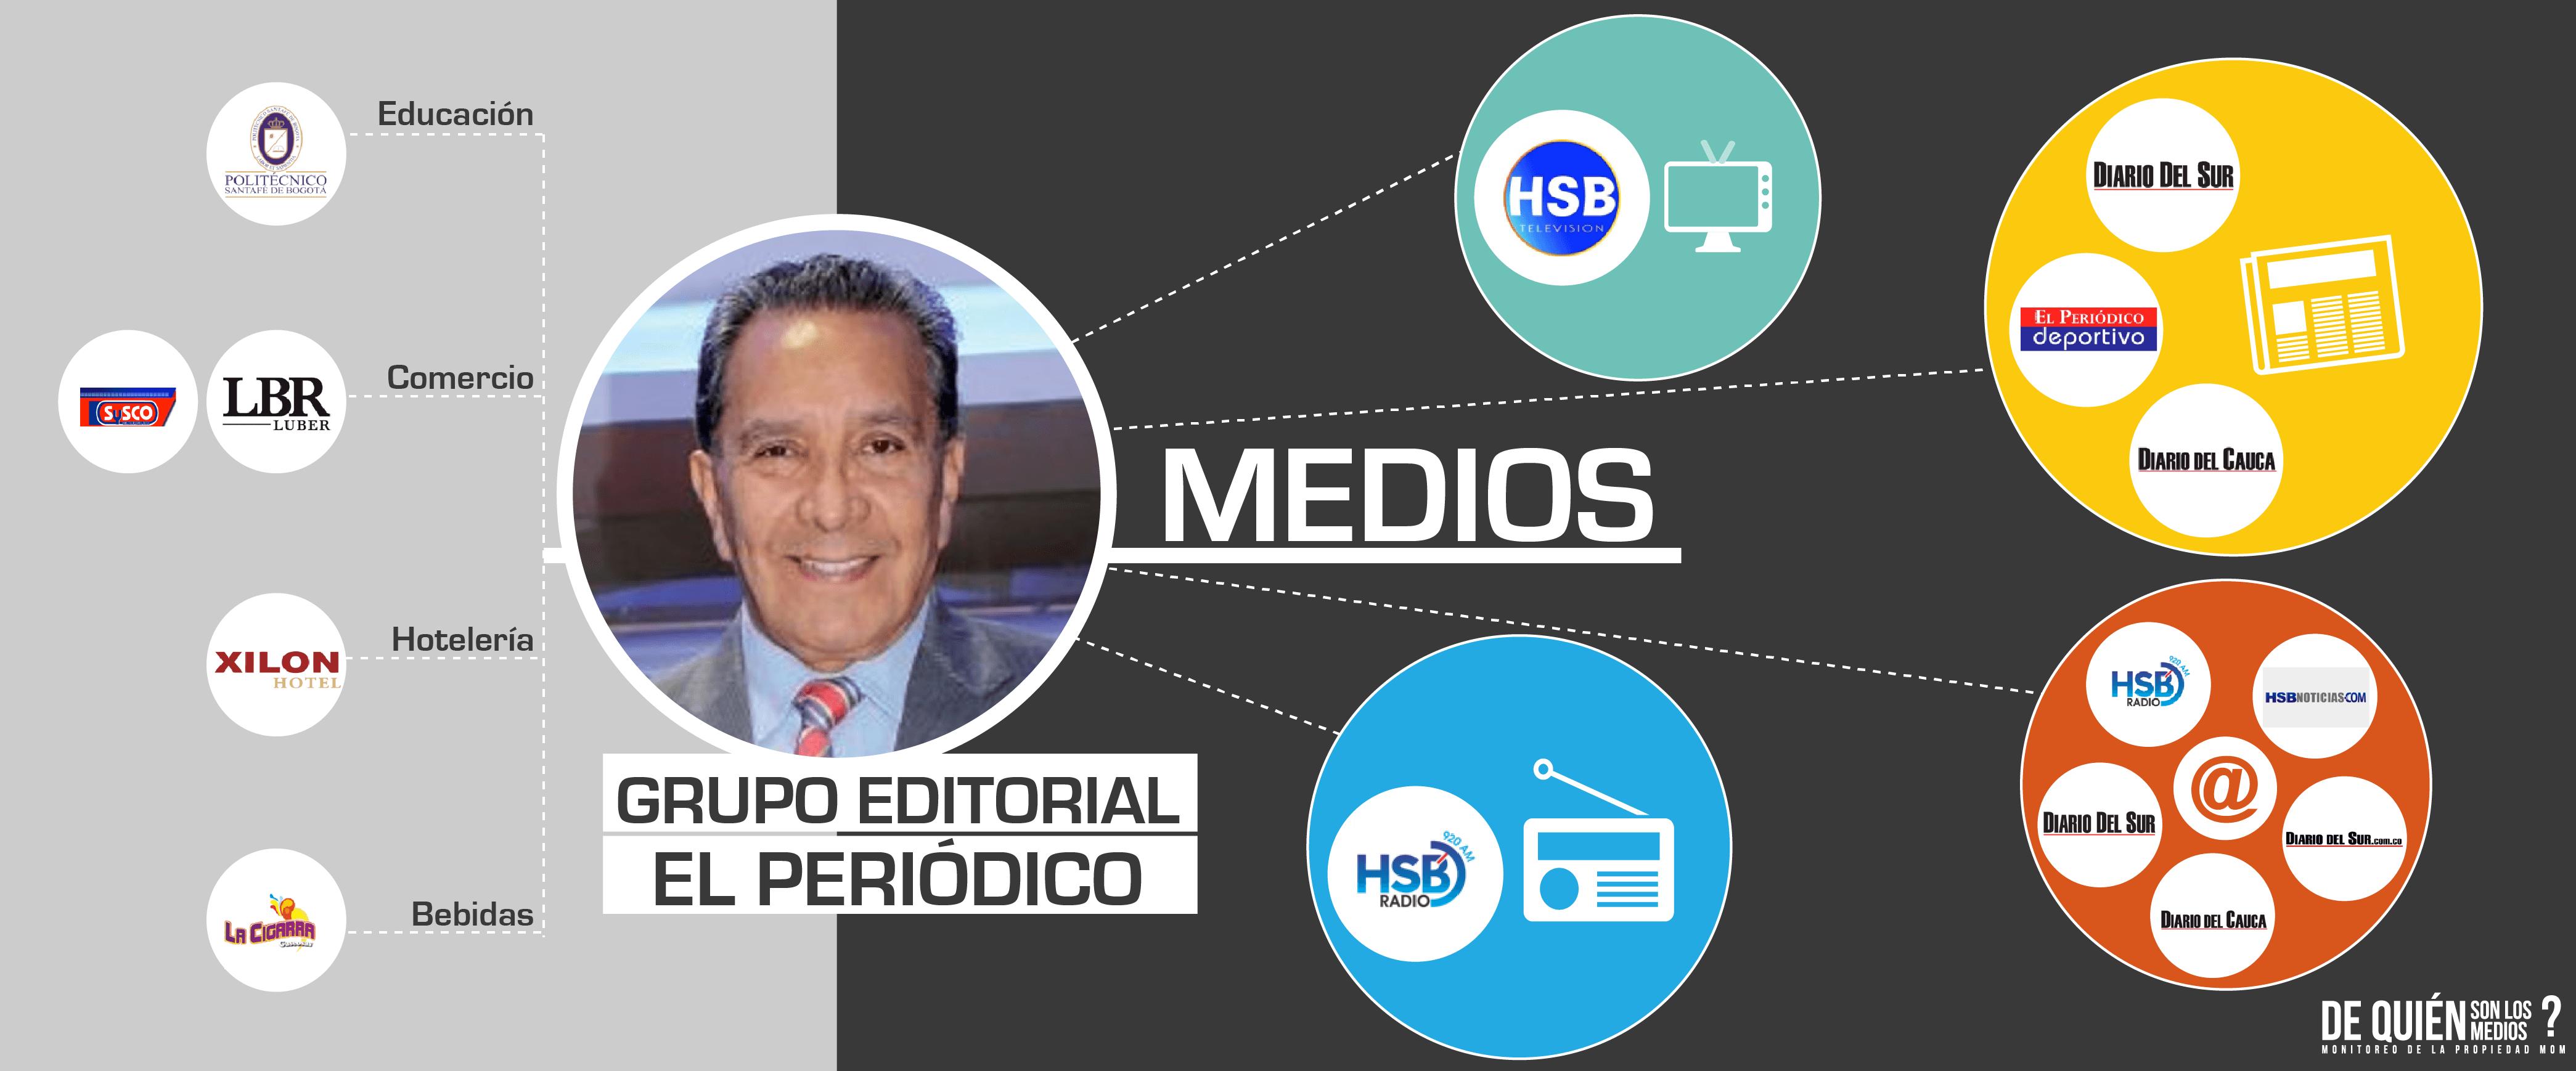 En dos meses los titulares apocalípticos de RCN sobre Bogotá desaparecieron y ahora todo es felicidad - 10-Grupo-Editorial-El-periodico